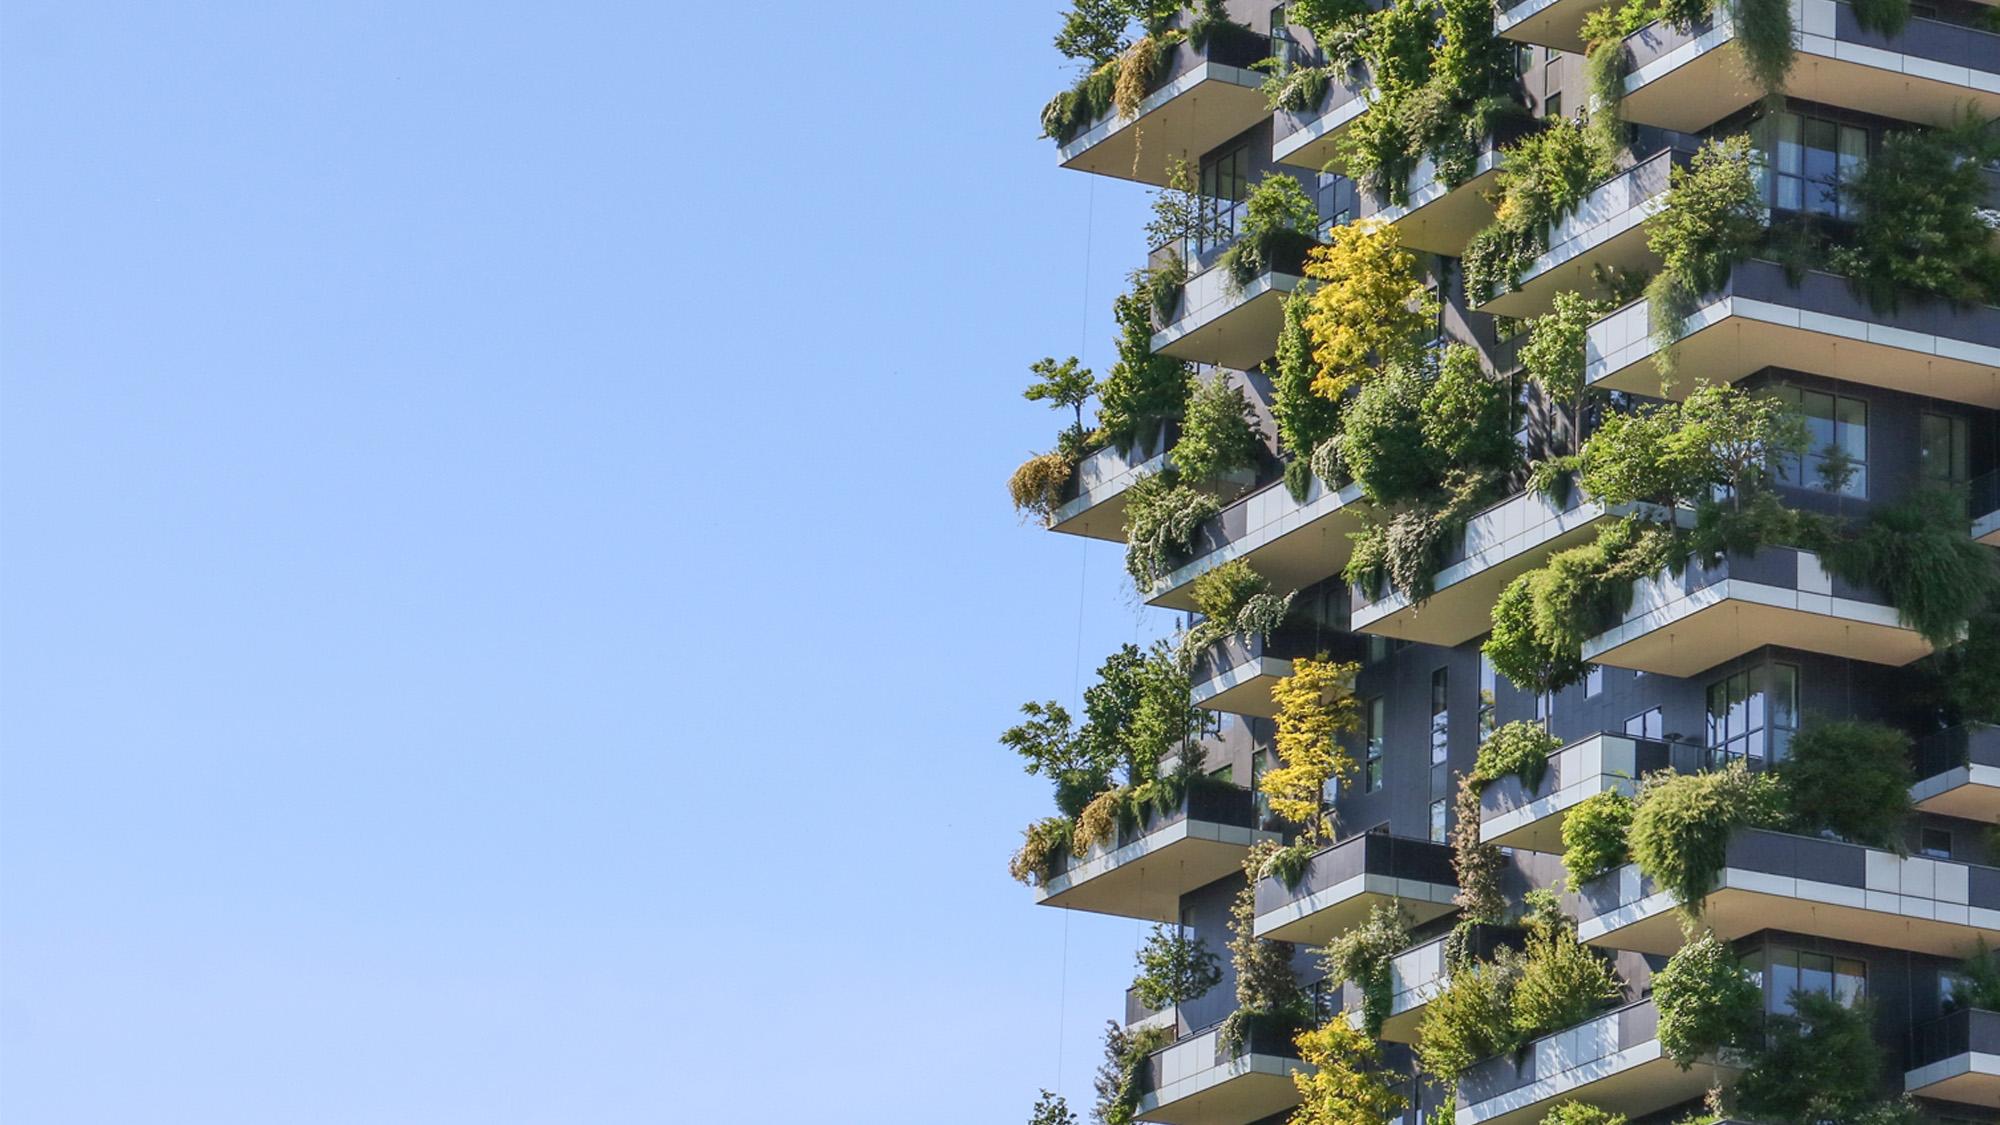 Bosco Verticale Appartamenti Costo il bosco verticale: ecco chi abita nel gioiello